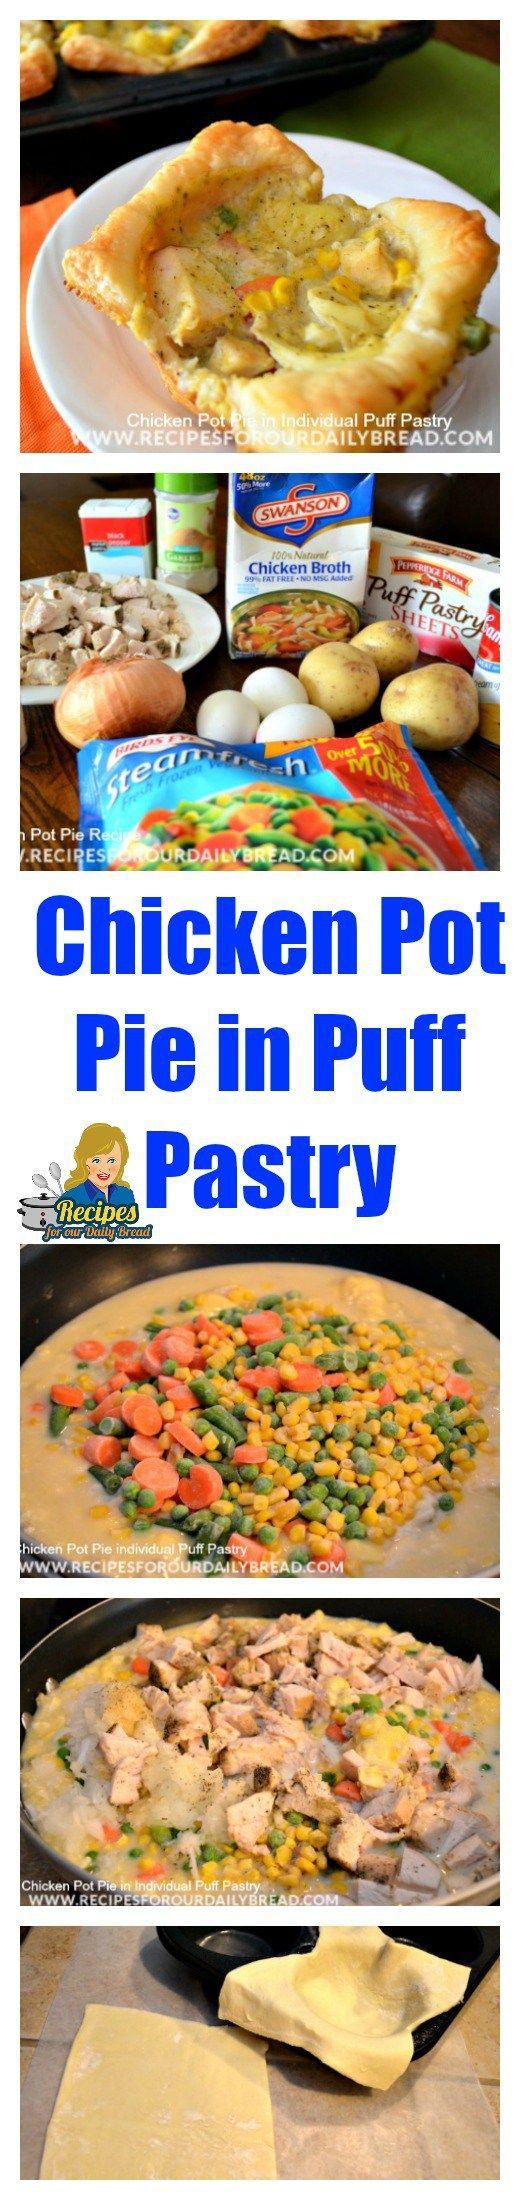 Chicken Pot Pie in Puff Pastry